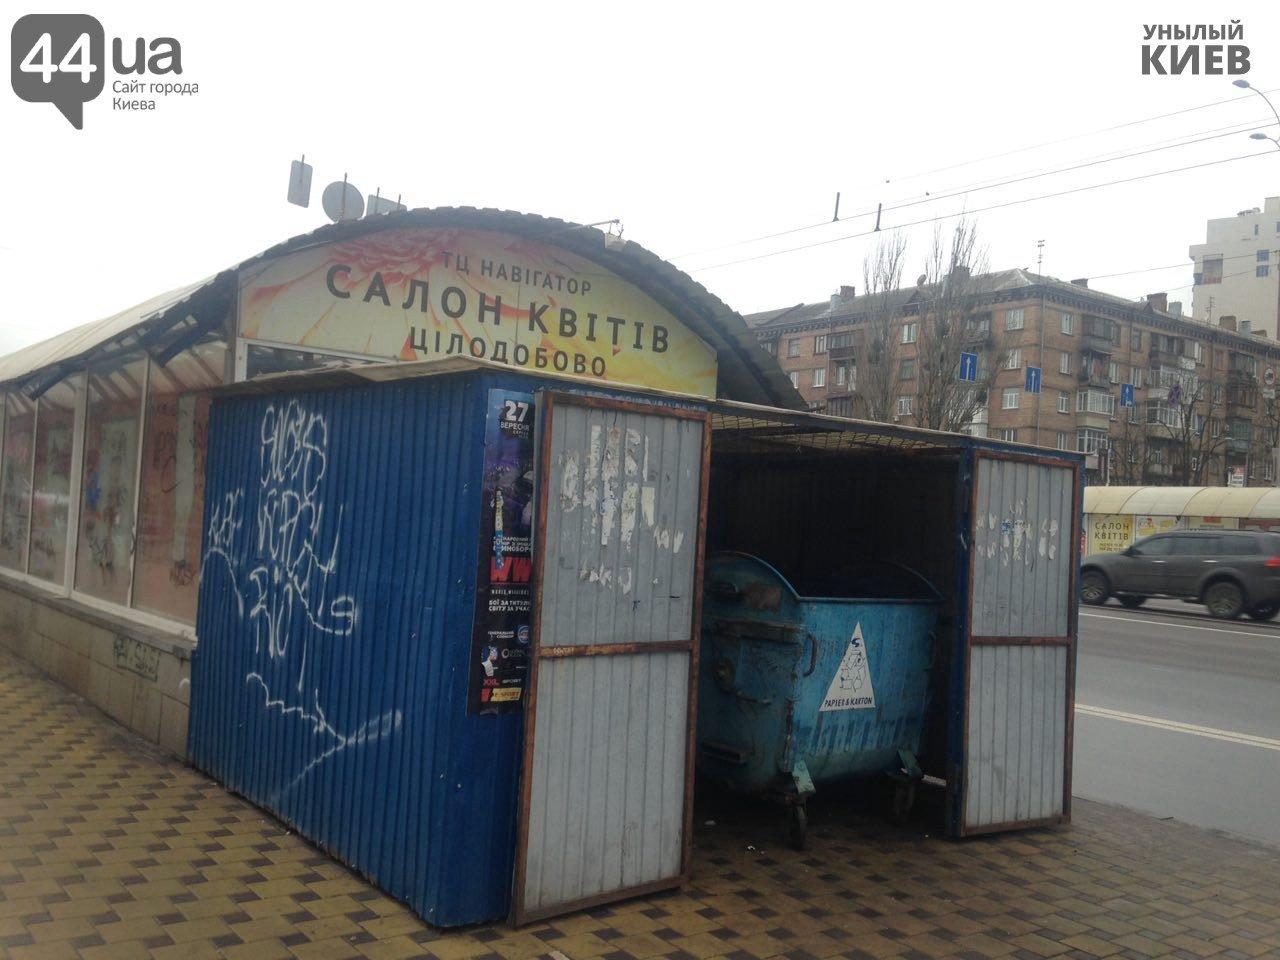 Унылый Киев: вспоминаем прошлый год (ФОТО), фото-2